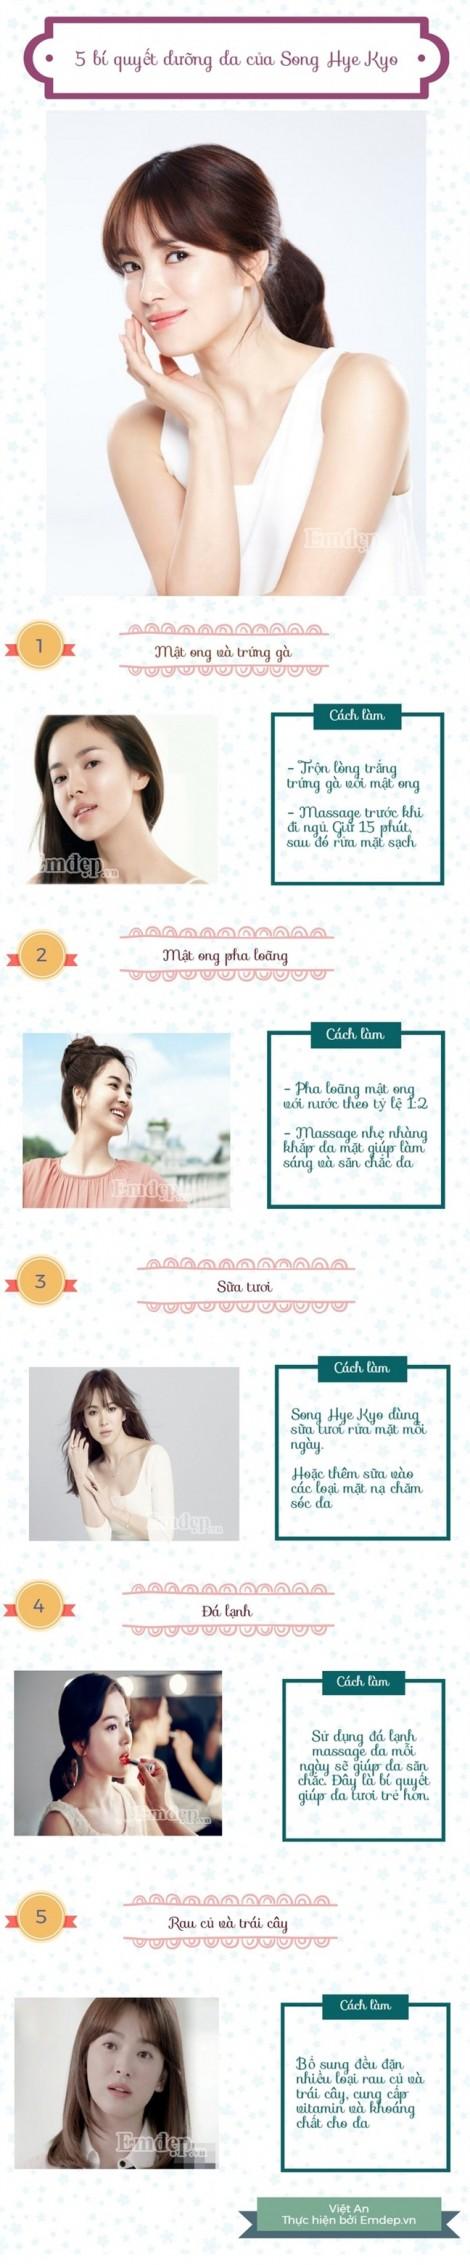 Tại sao da Song Hye Kyo luôn trắng mịn, không tỳ vết?